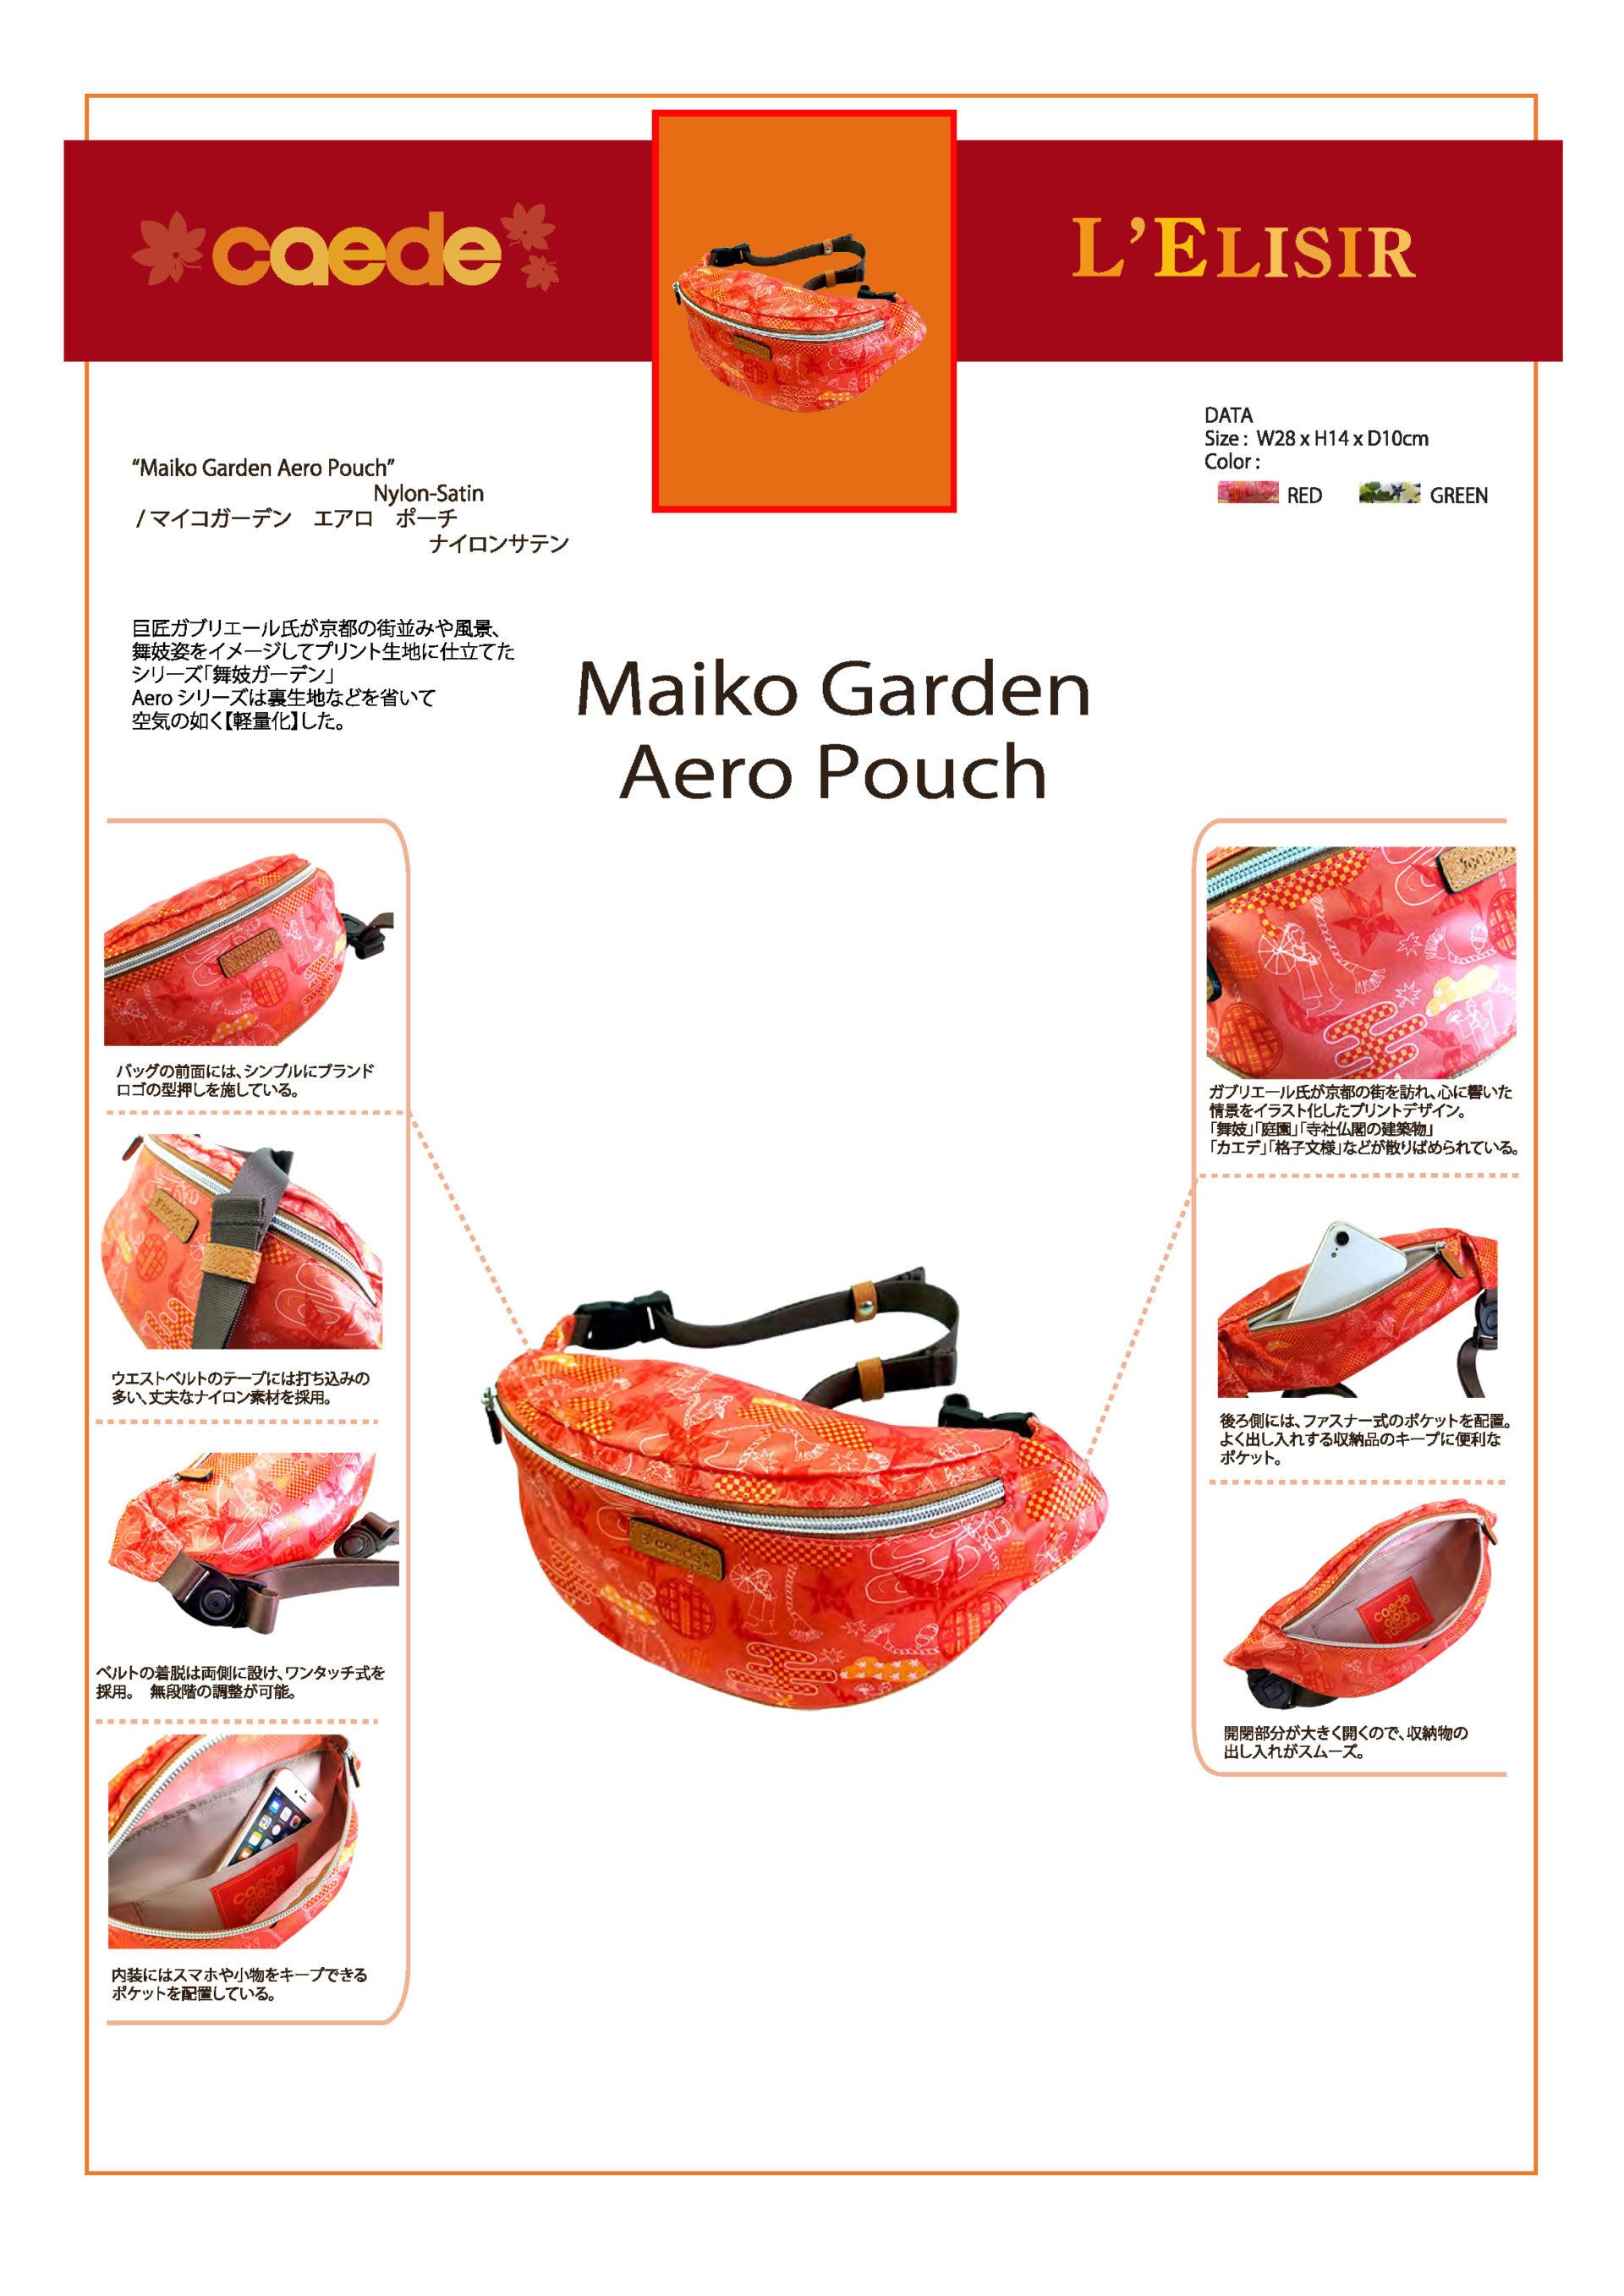 72434 maiko garden aero pouch